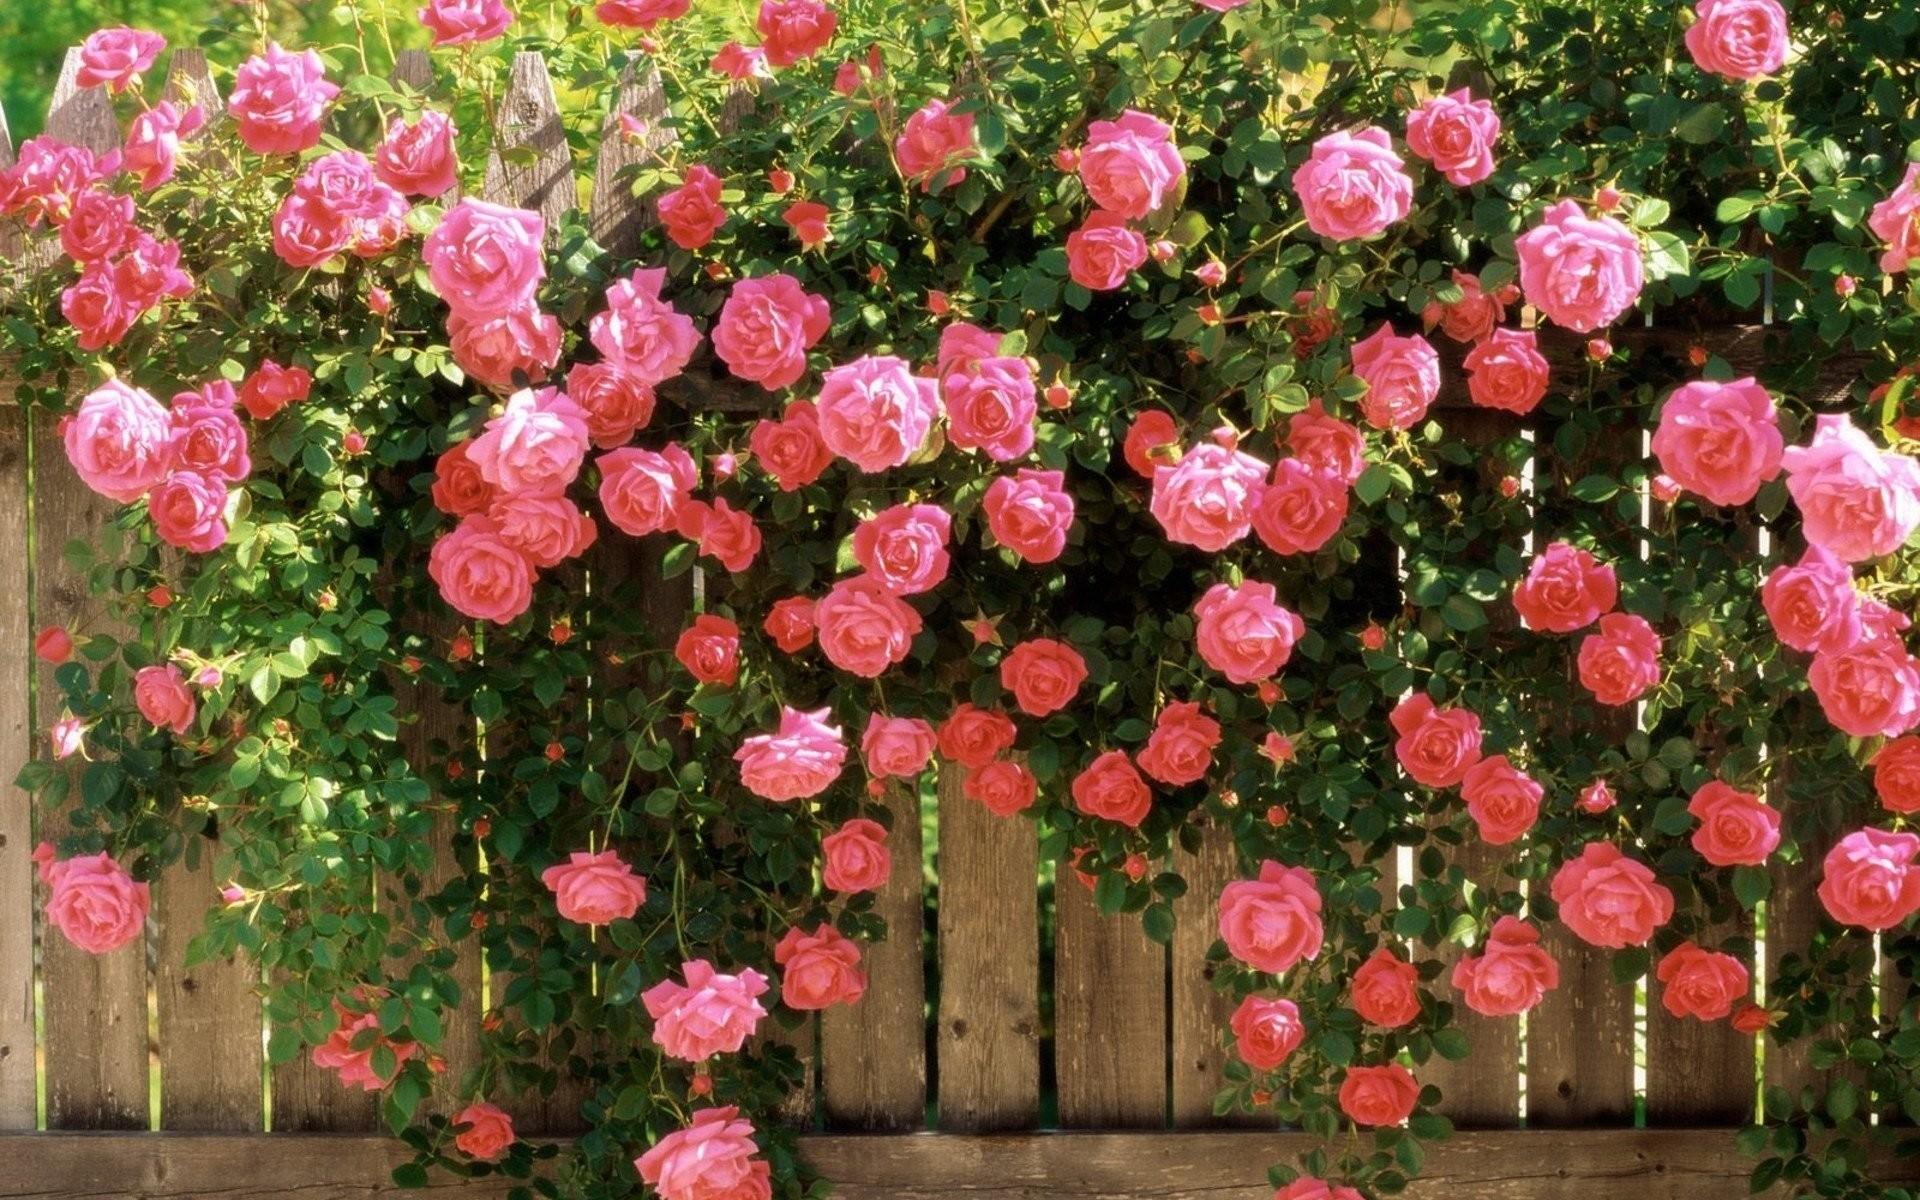 Res: 1920x1200, widescreen beauty nature flower pink rose garden spring photos hd